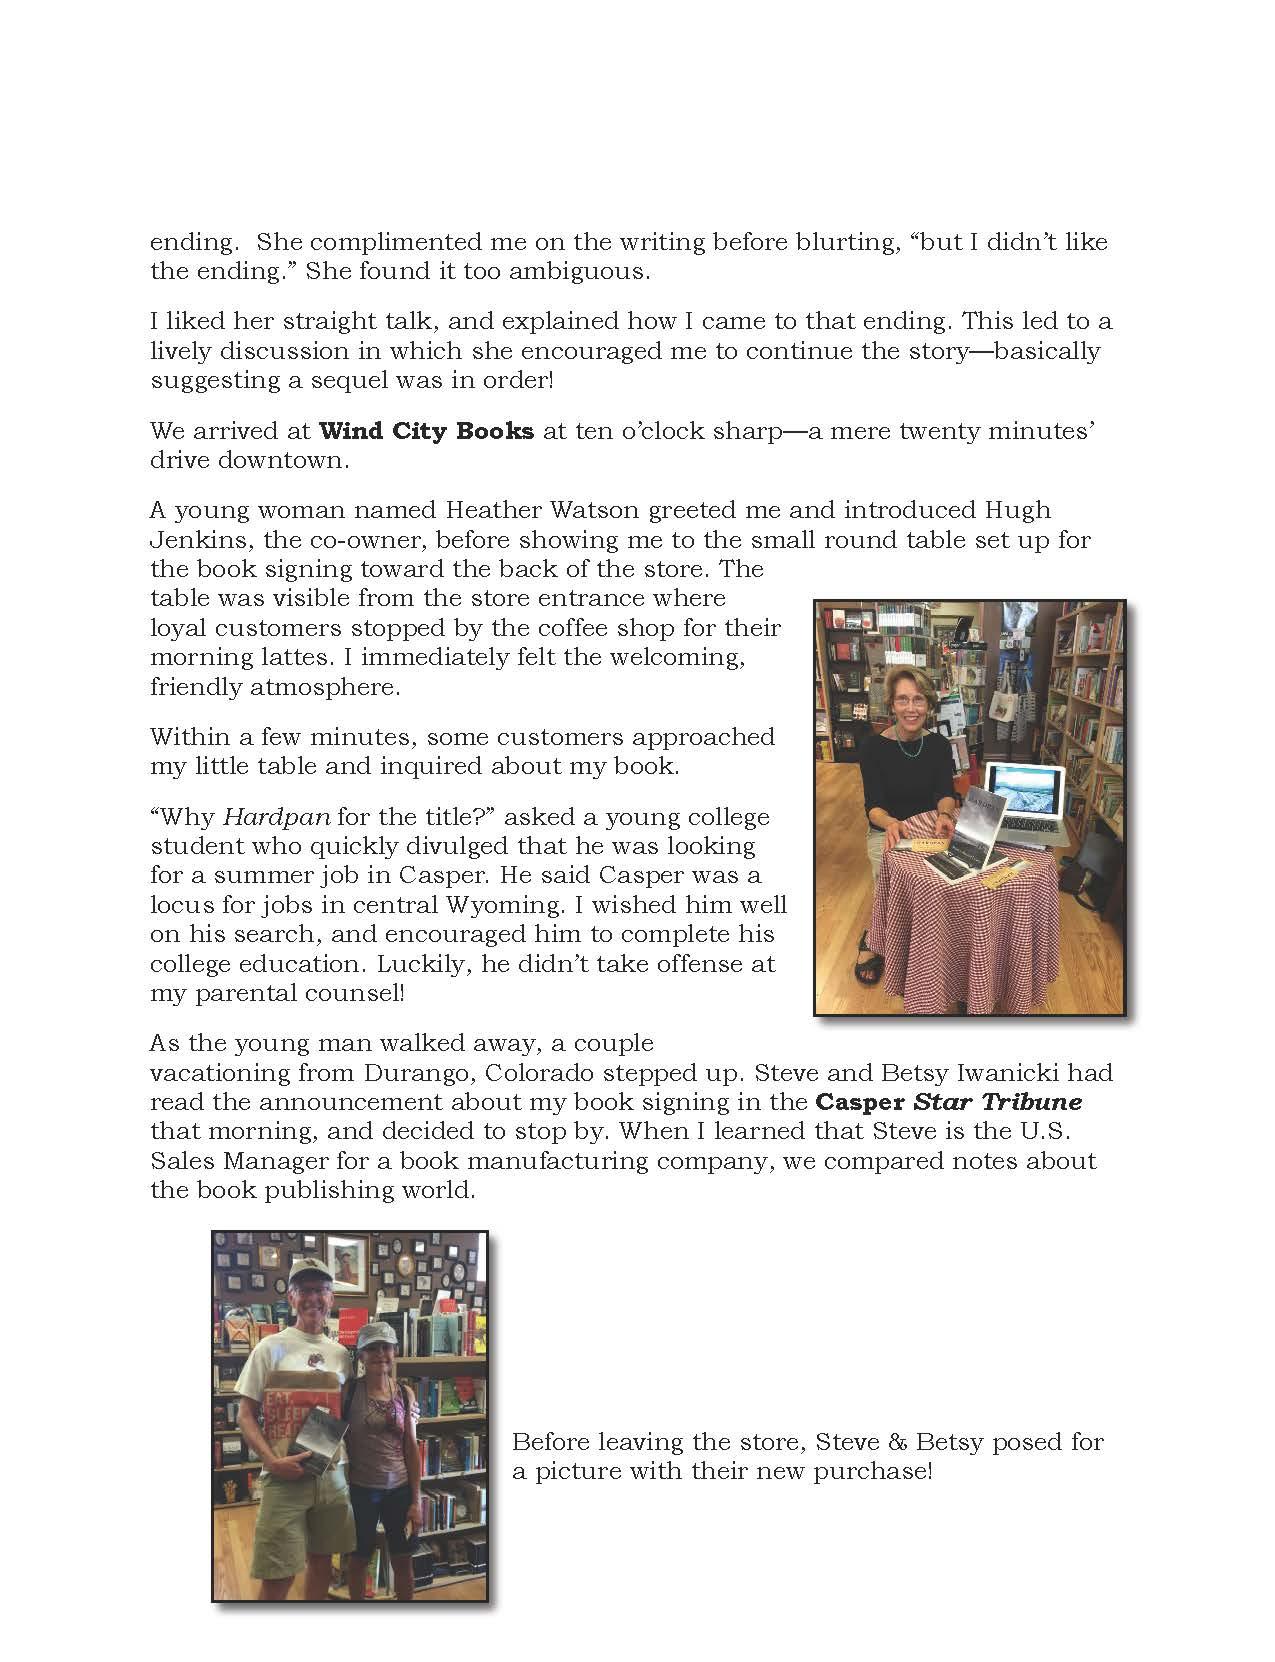 wyoming-book-tour-master-rev-10-23-16-1_page_09